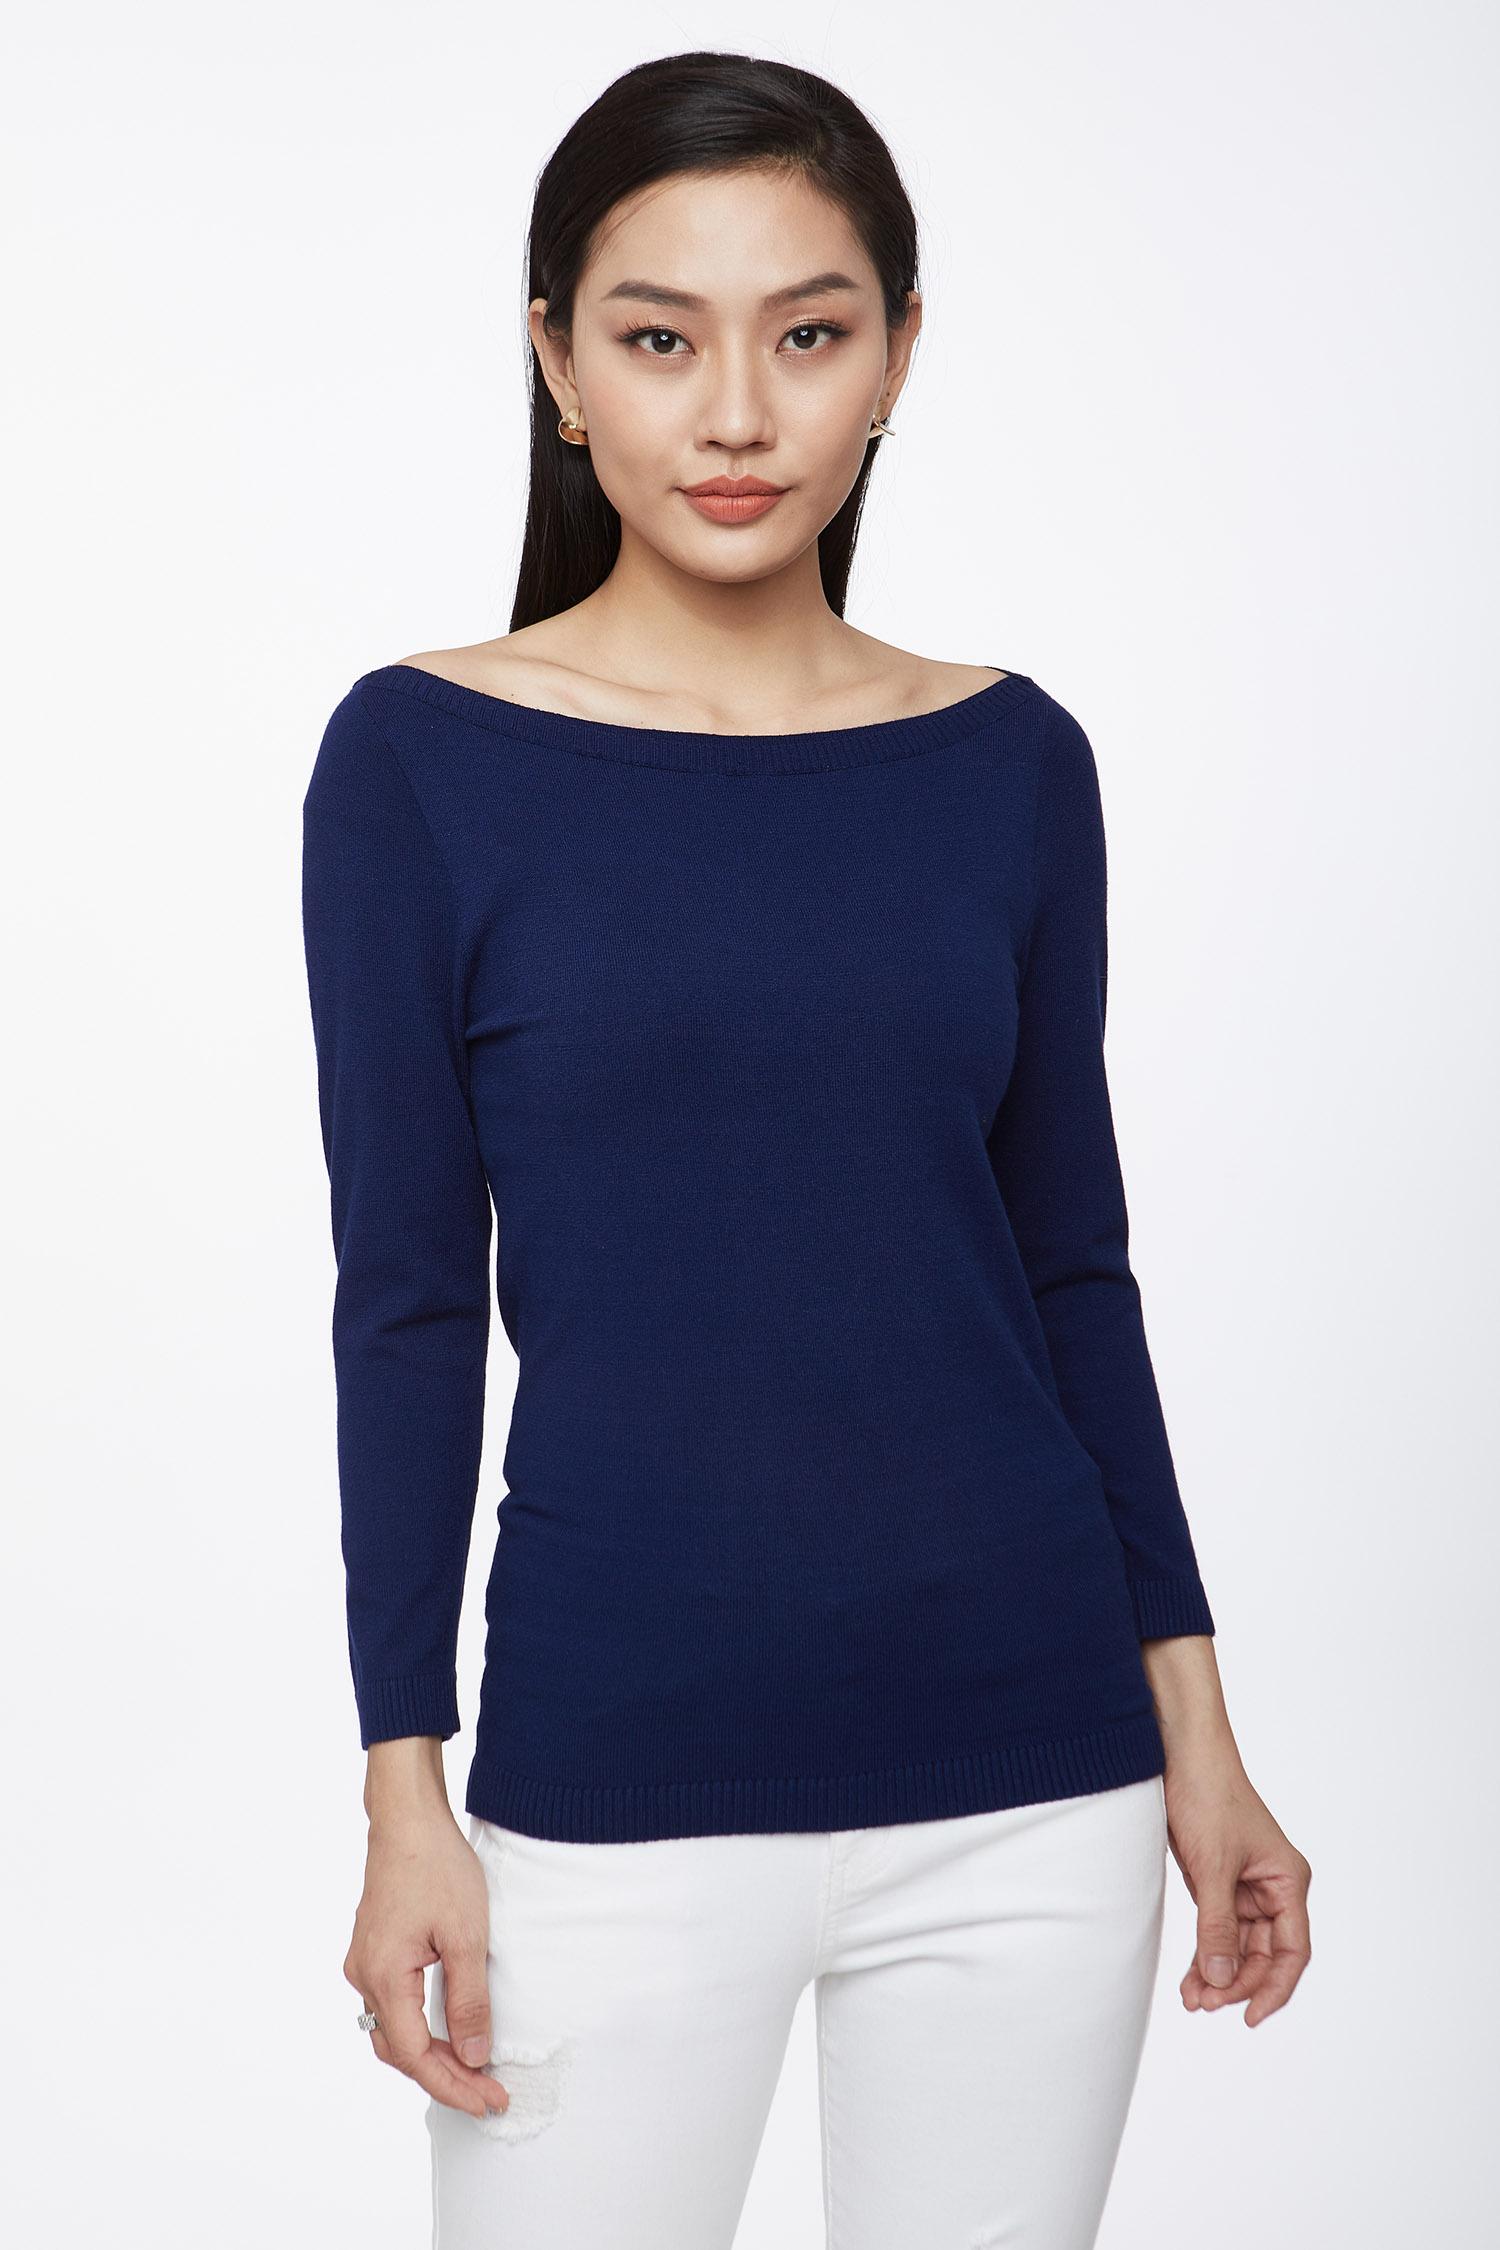 áo dệt nữ - 1905160